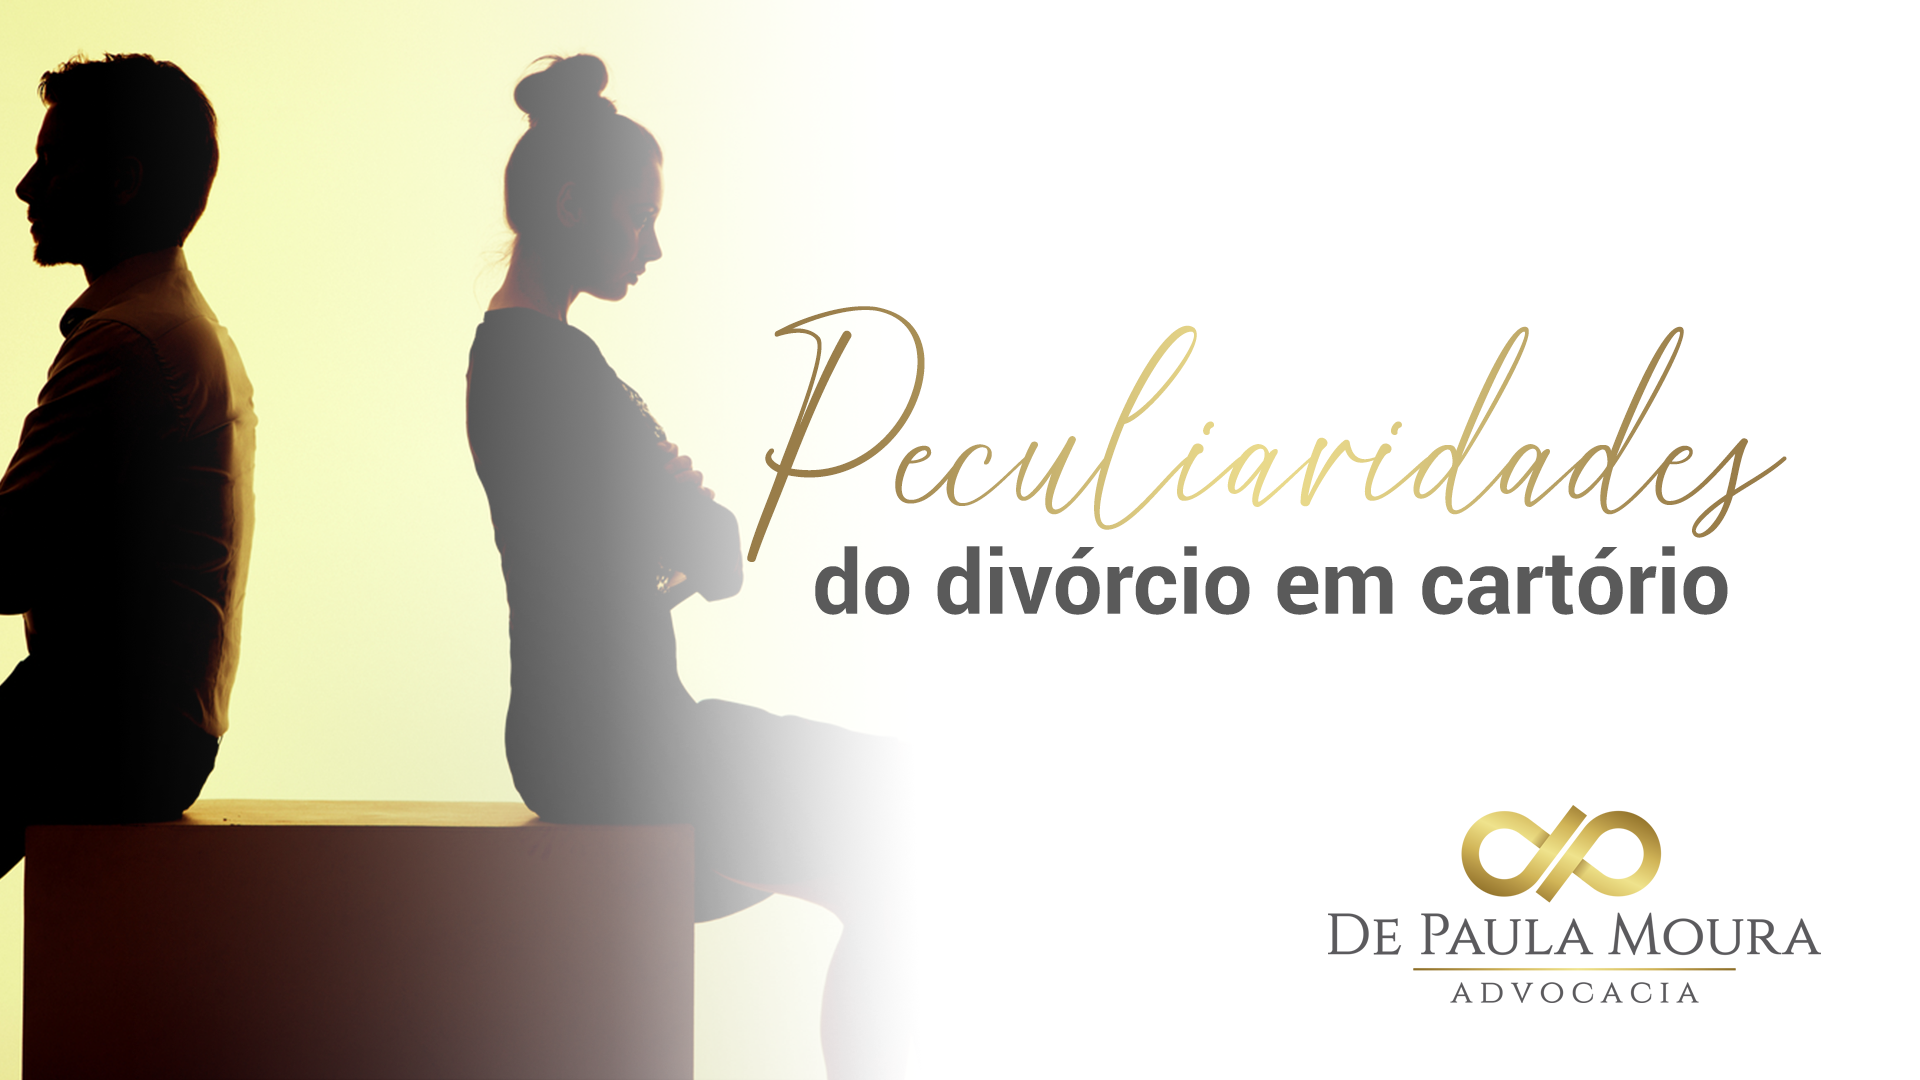 Divórcio em cartório